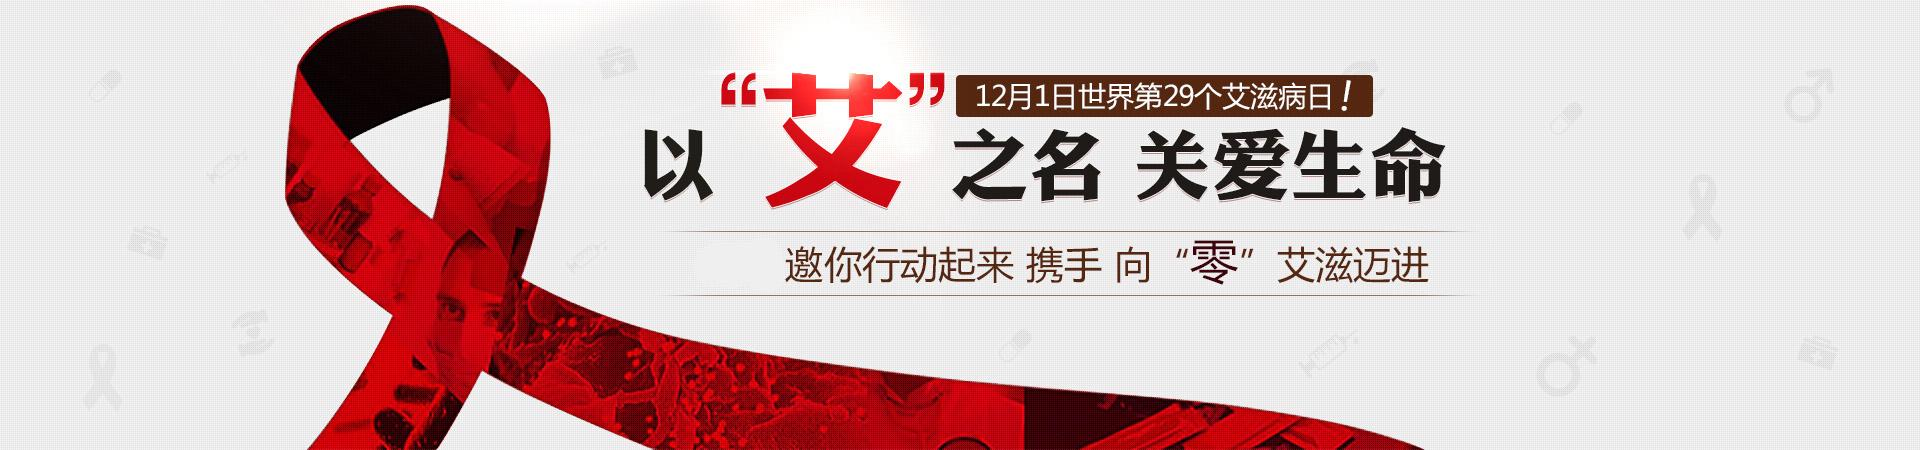 庐江男科医院banner2